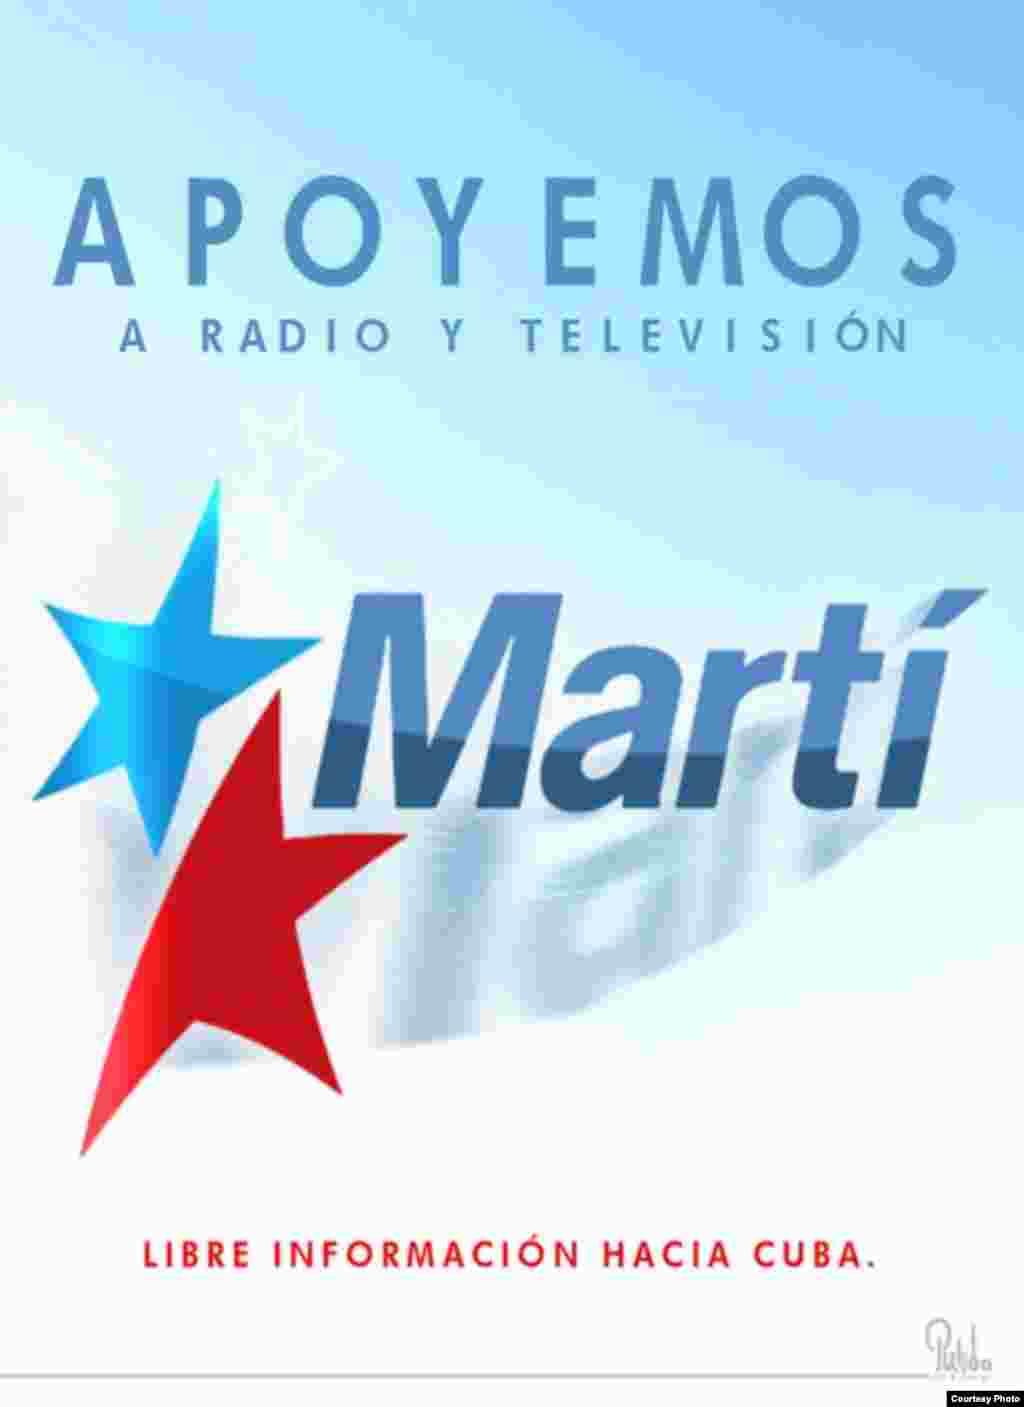 Apoyemos a Radio y TV Martí, por Rolando Pulido